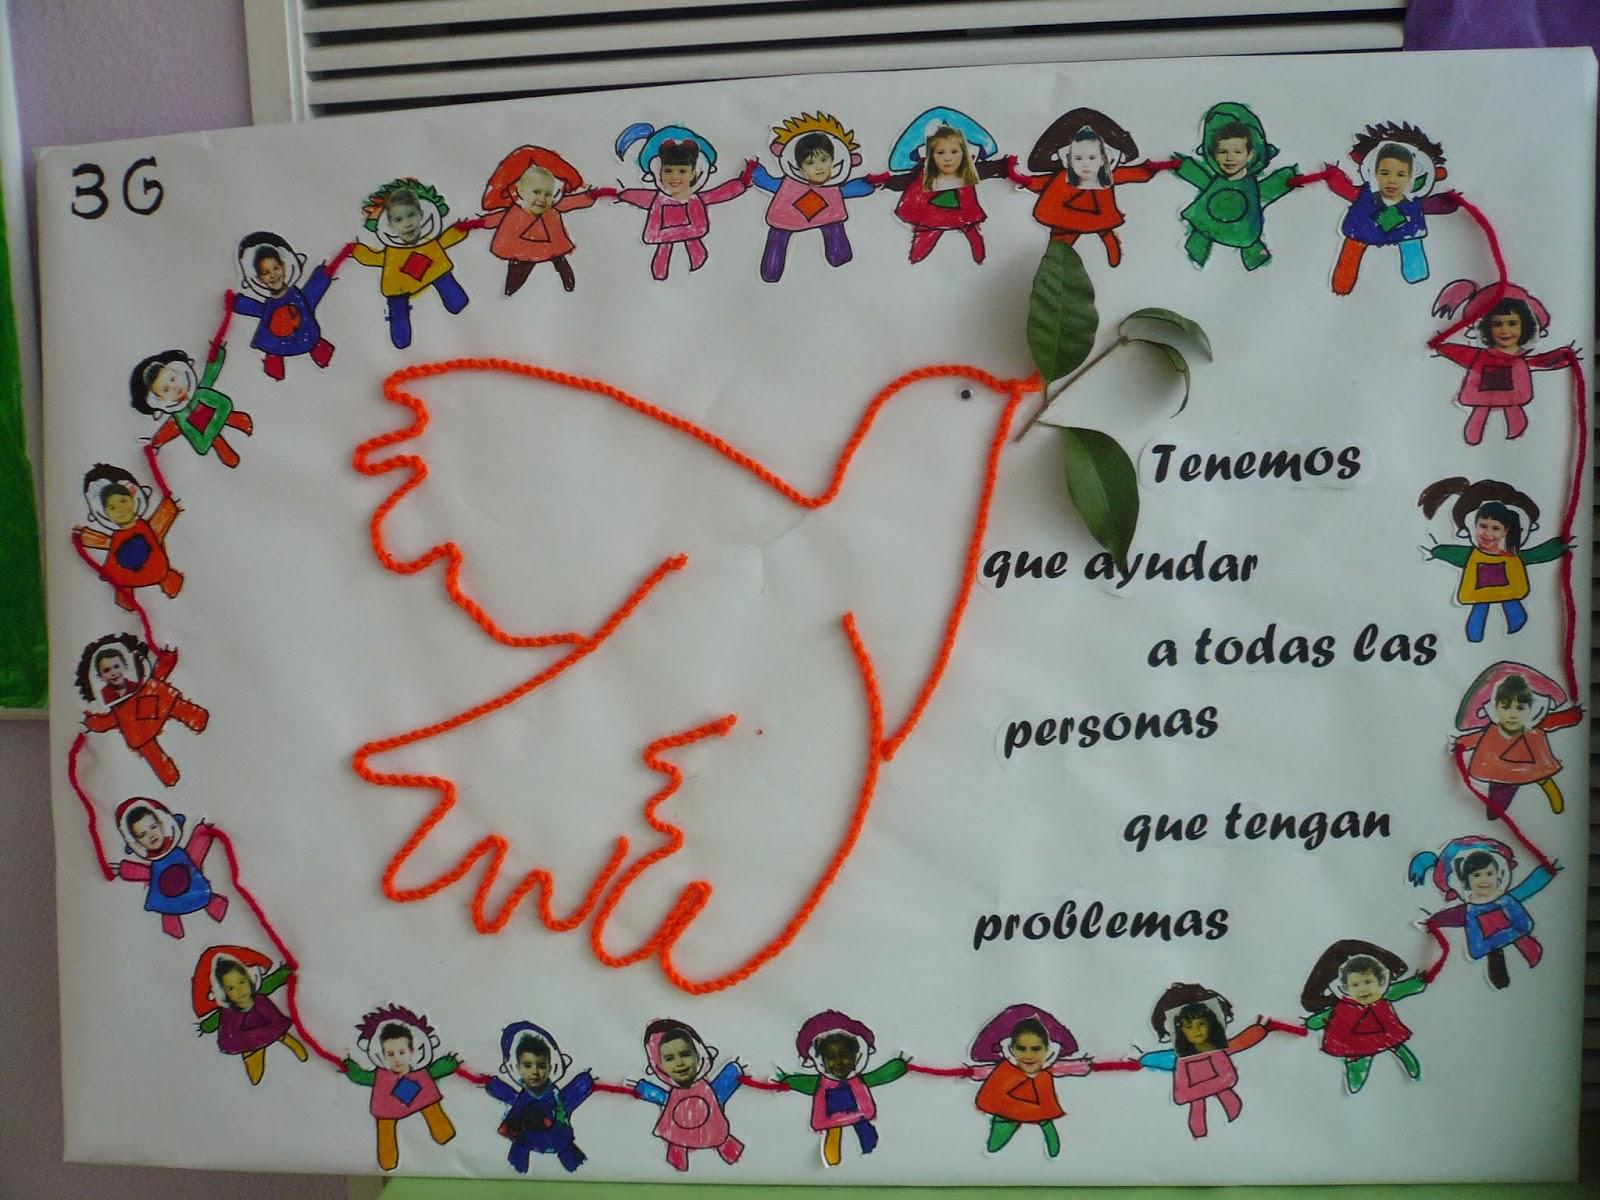 Frases Infantiles Sobre El Valor De La Justicia En El Mundo: CENTRO DE EDUCACIÓN INFANTIL ARCO IRIS: CELEBRACIÓN DEL